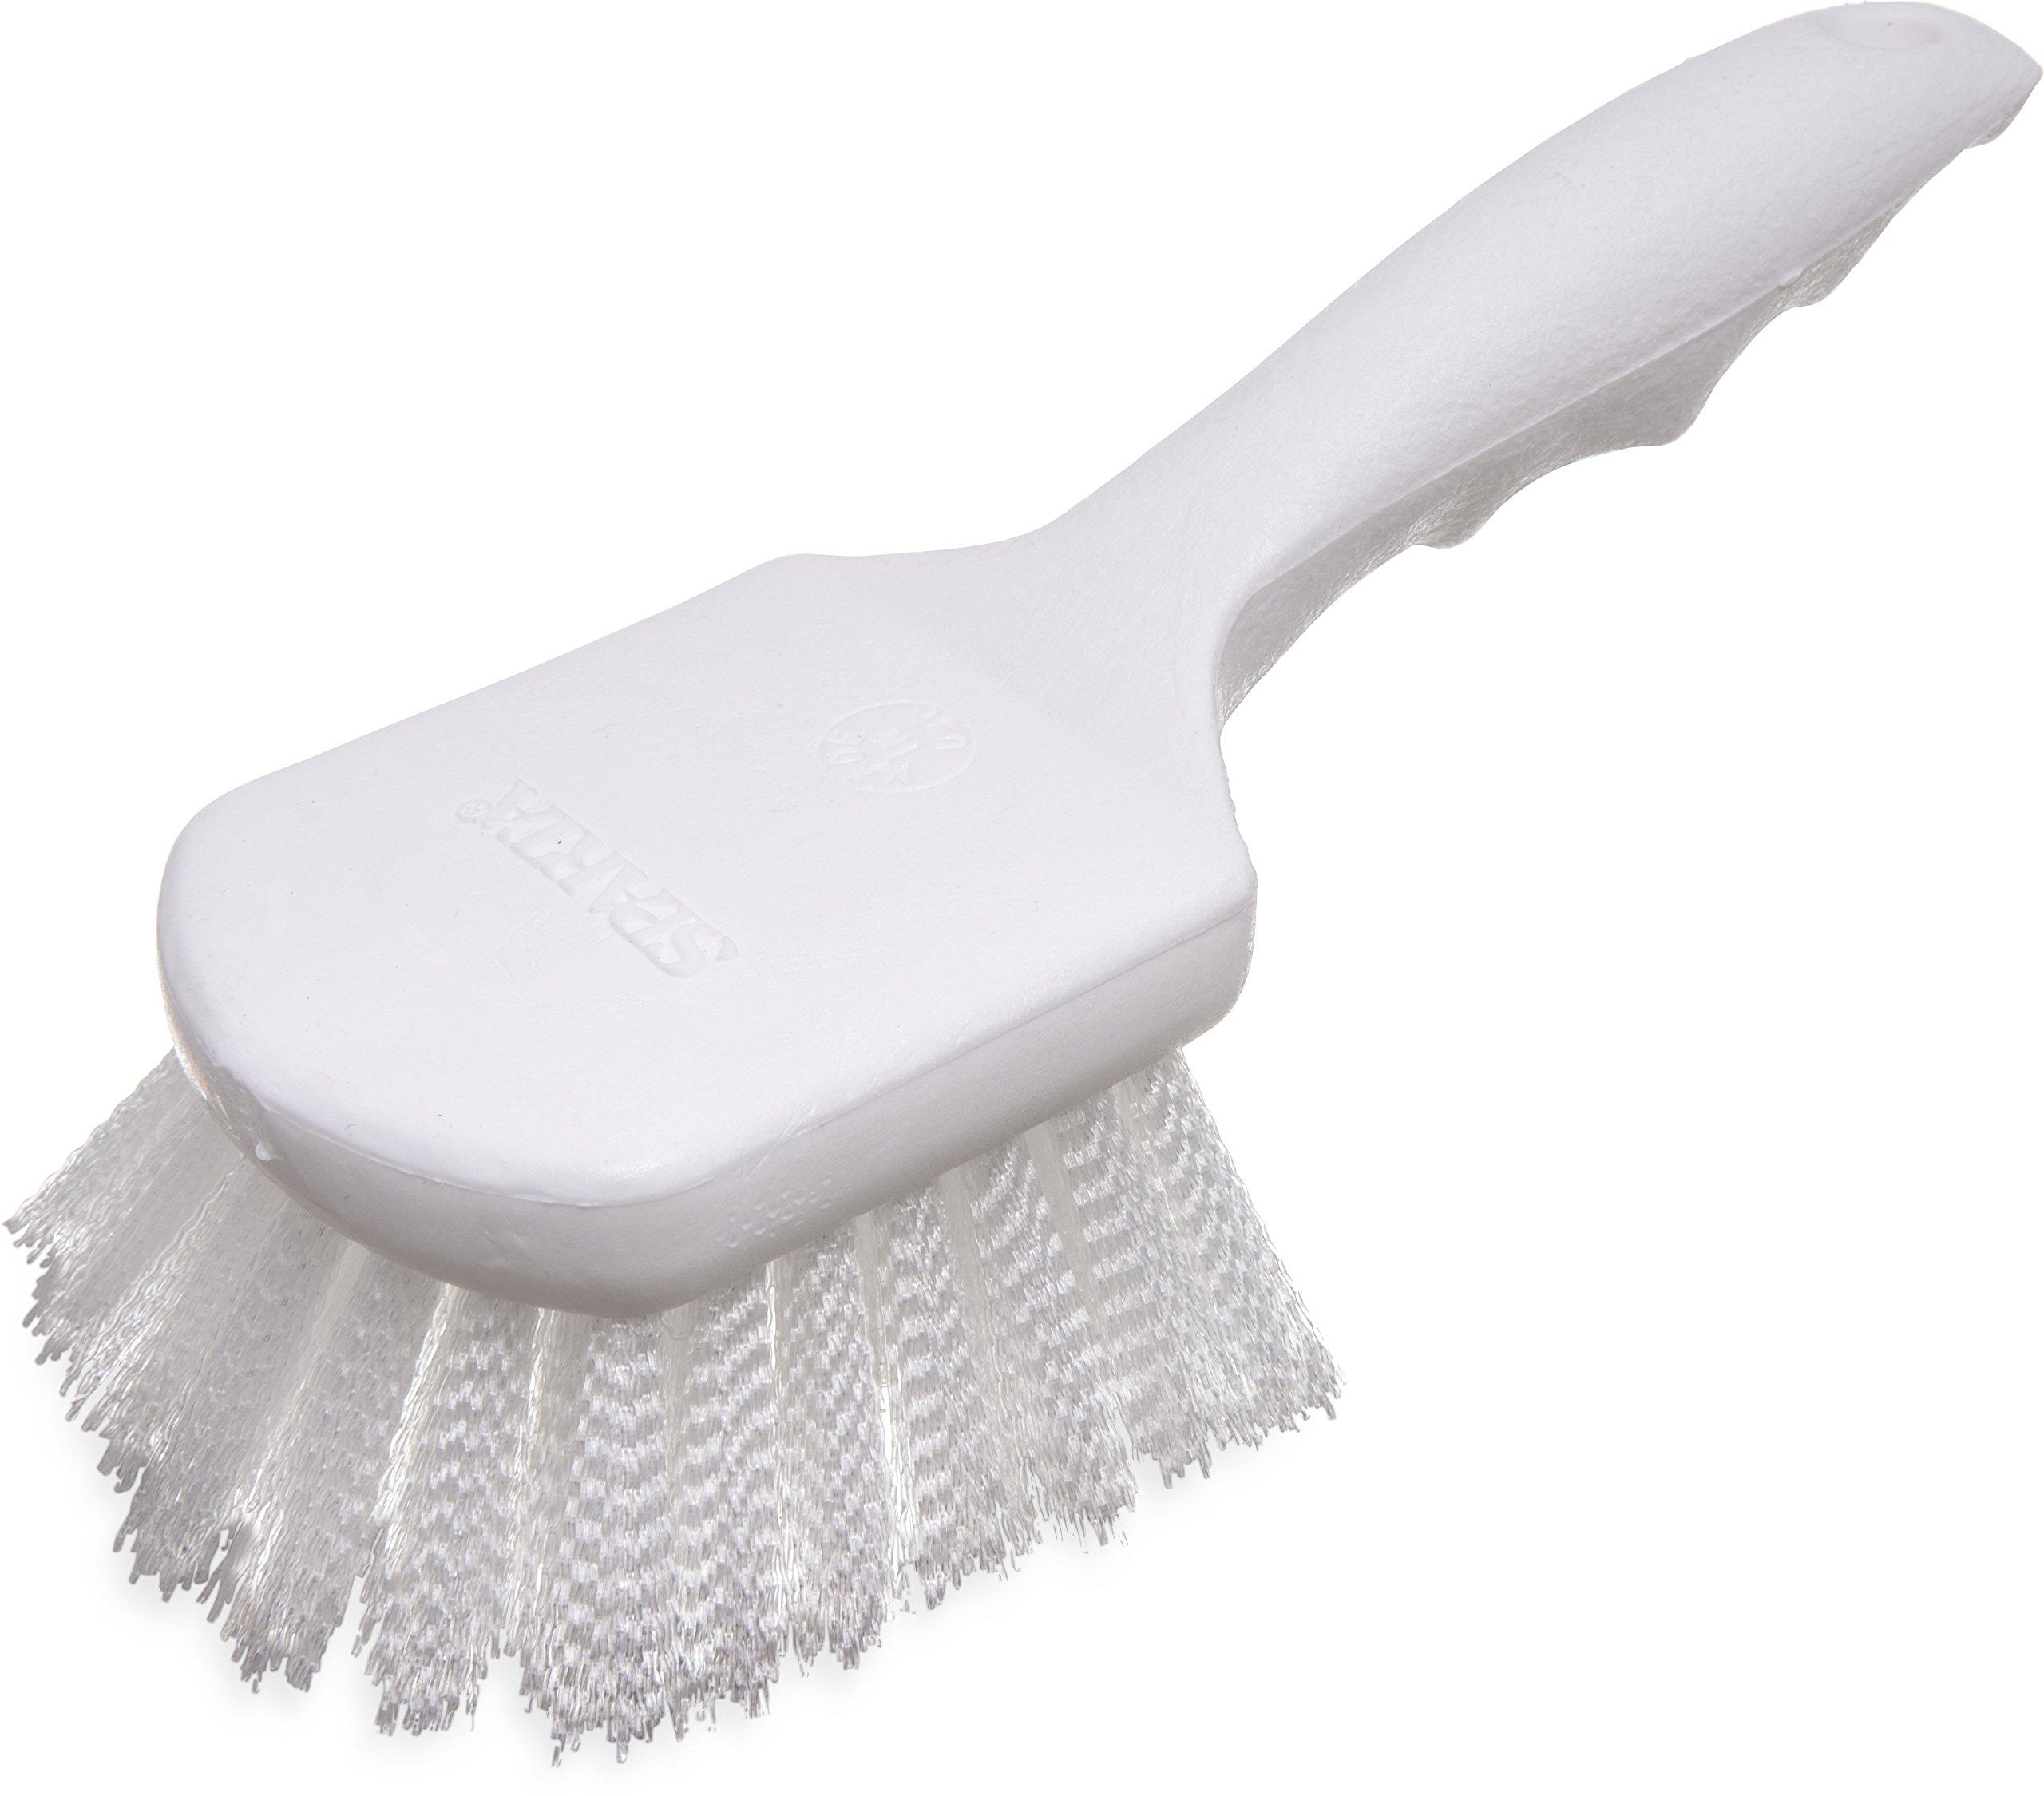 Carlisle 4054200 Sparta Plastic Handle Brush, Medium Stiff Nylon Bristles, 8'' Length x 3'' Width, 1-1/4'' Bristle Trim